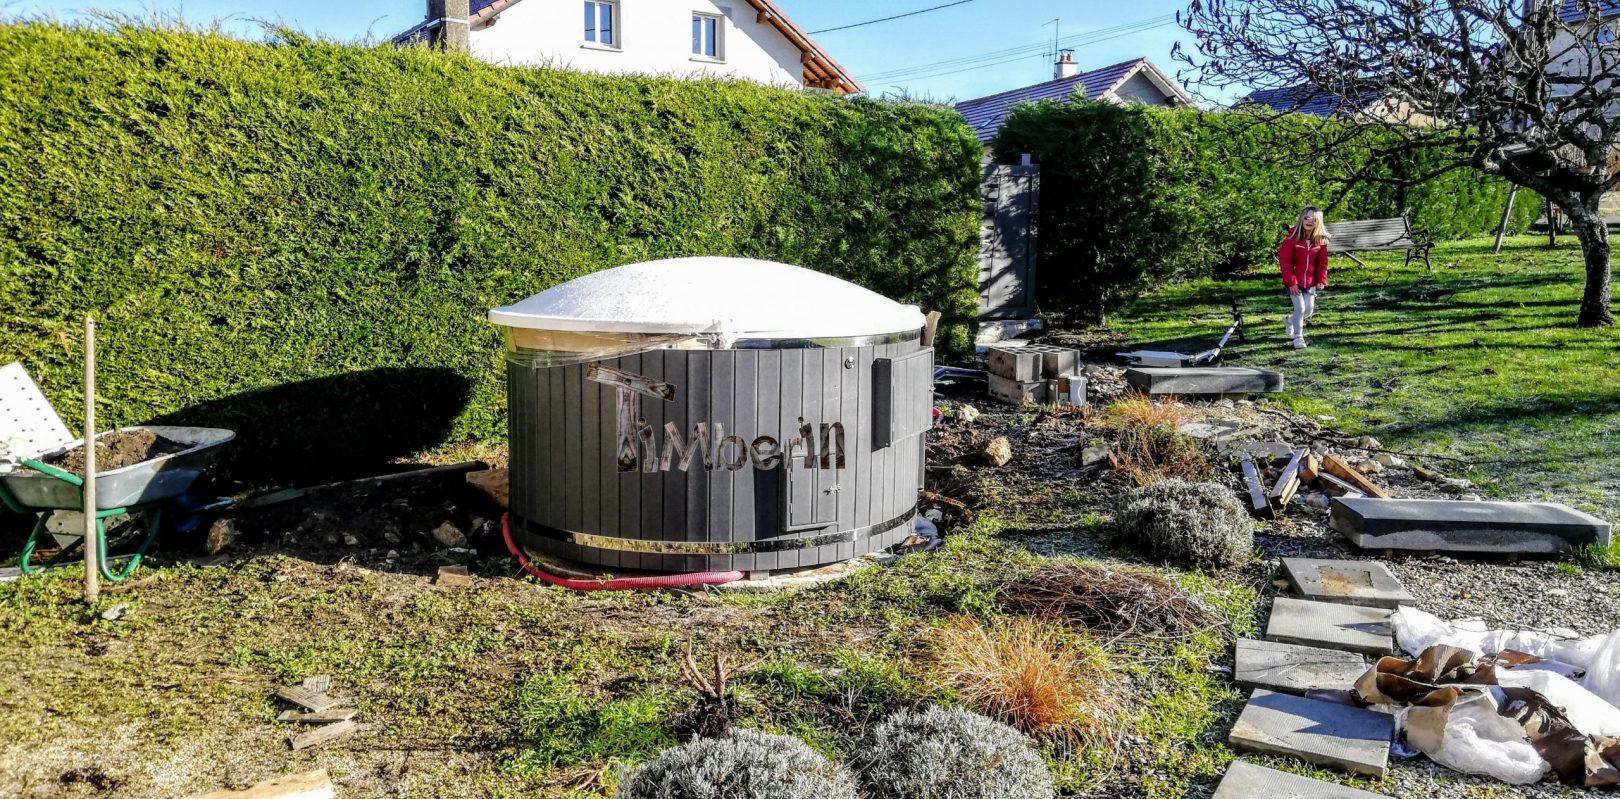 WELLNESS NEULAR INTELLIGENTE Spa scandinave aucun entretien requis Laurent ETALANS FRANCE 2 scaled